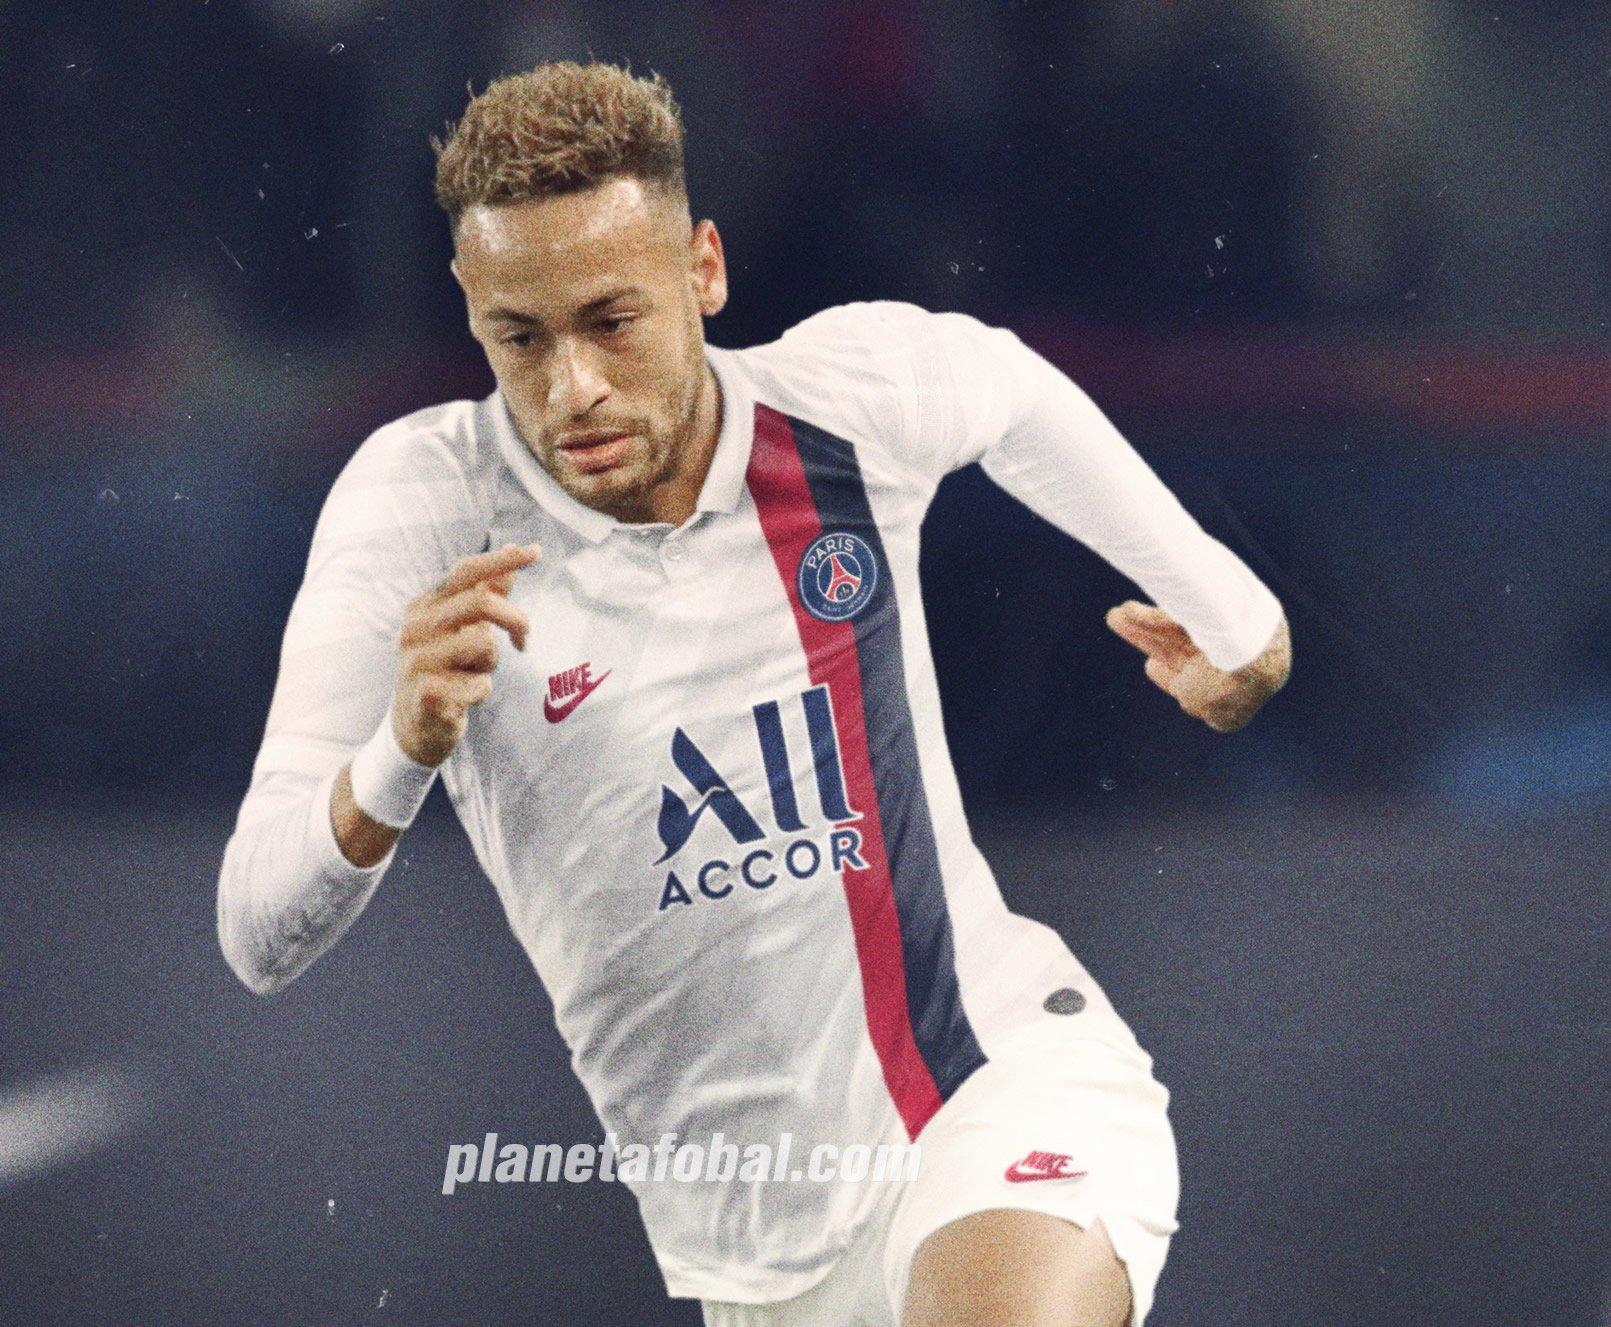 Neymar con la tercera camiseta del PSG 2019/2020 | Imagen Nike